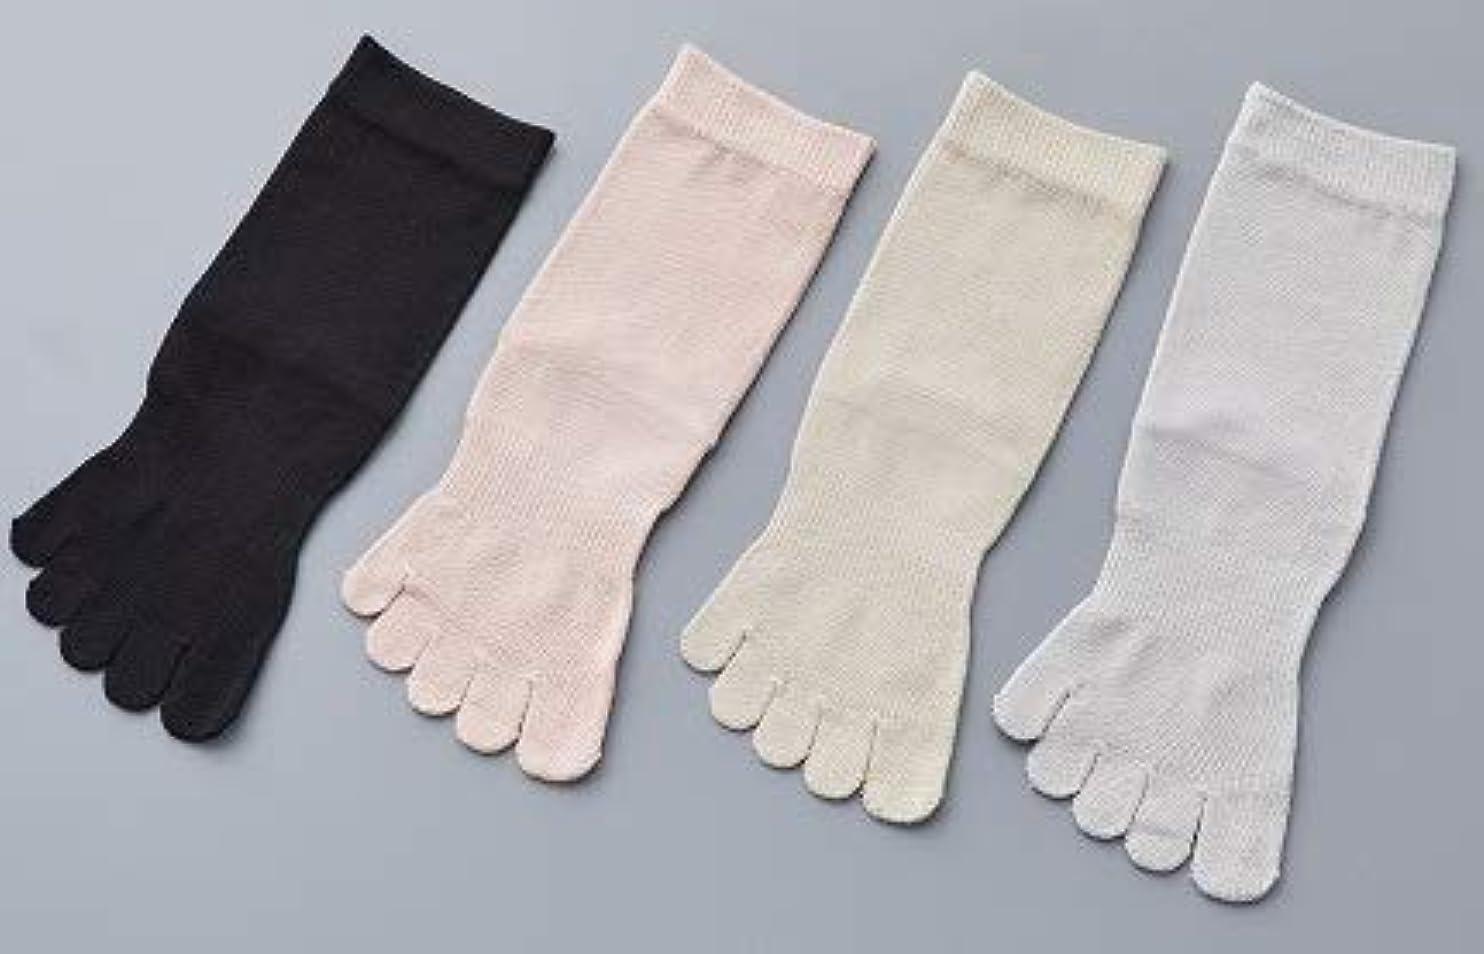 インカ帝国ディンカルビル難破船婦人 シルク 5本指 靴 下最高級 シルク100% 使用 プレゼントに最適 22-24cm 太陽ニット S90 (グレー)